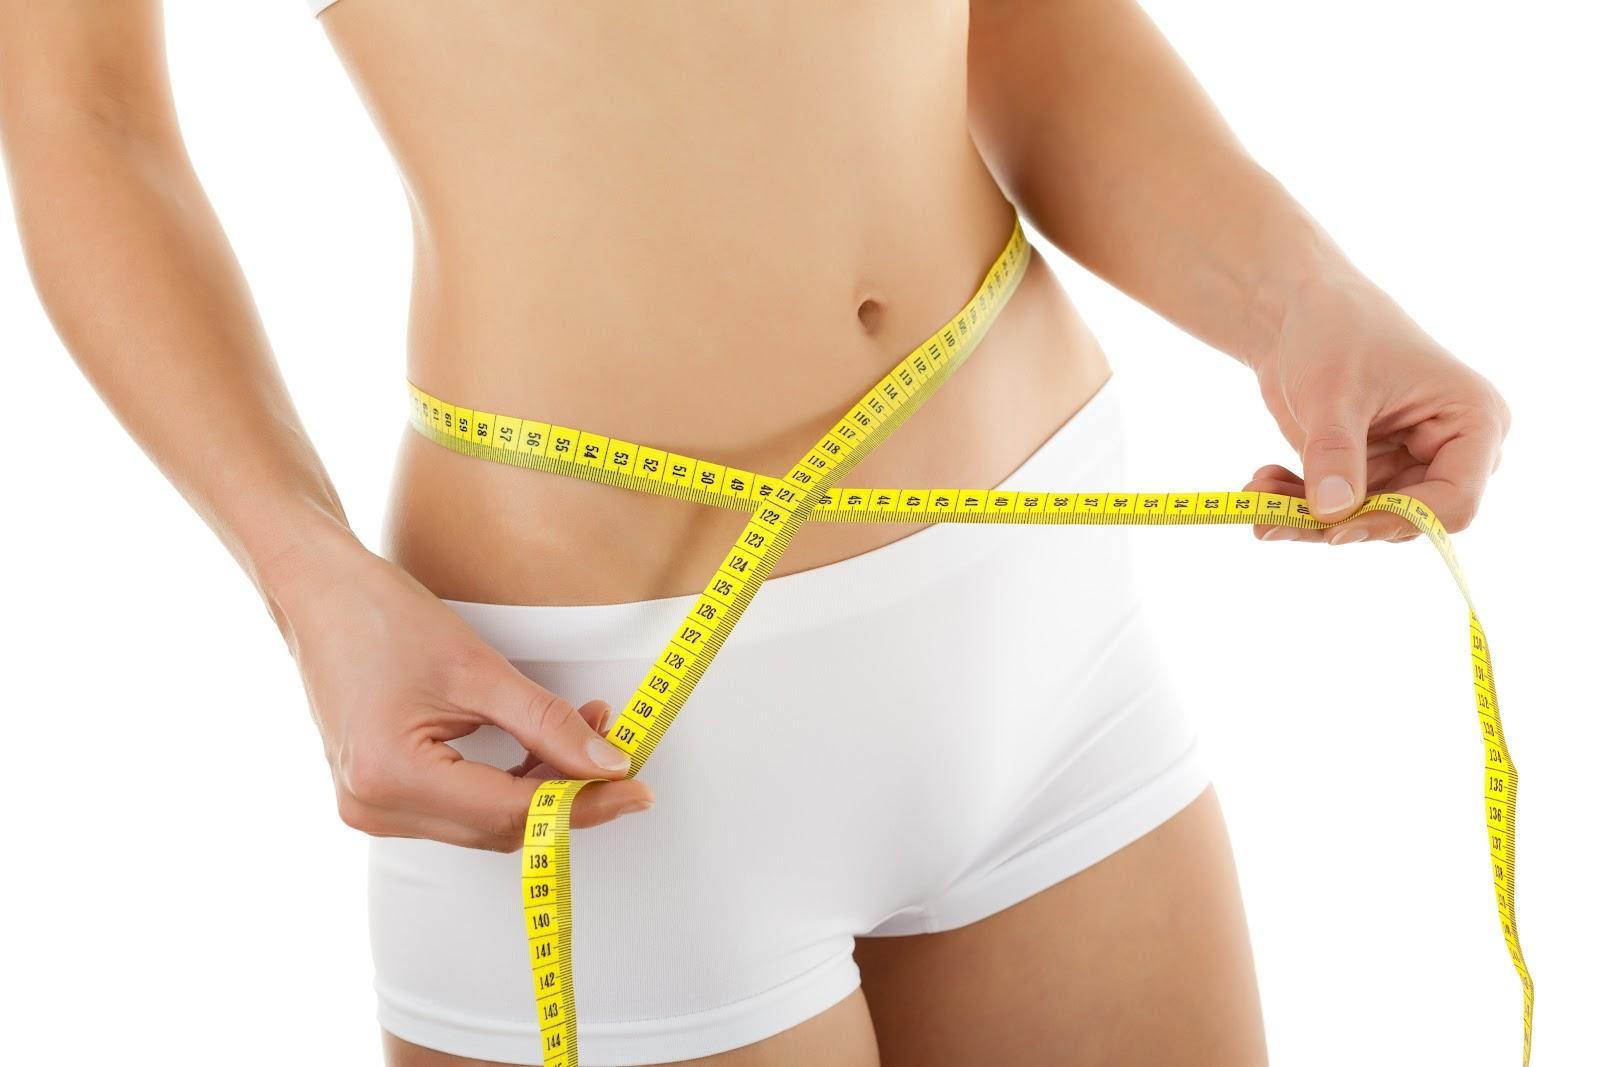 кето диета для снижения веса